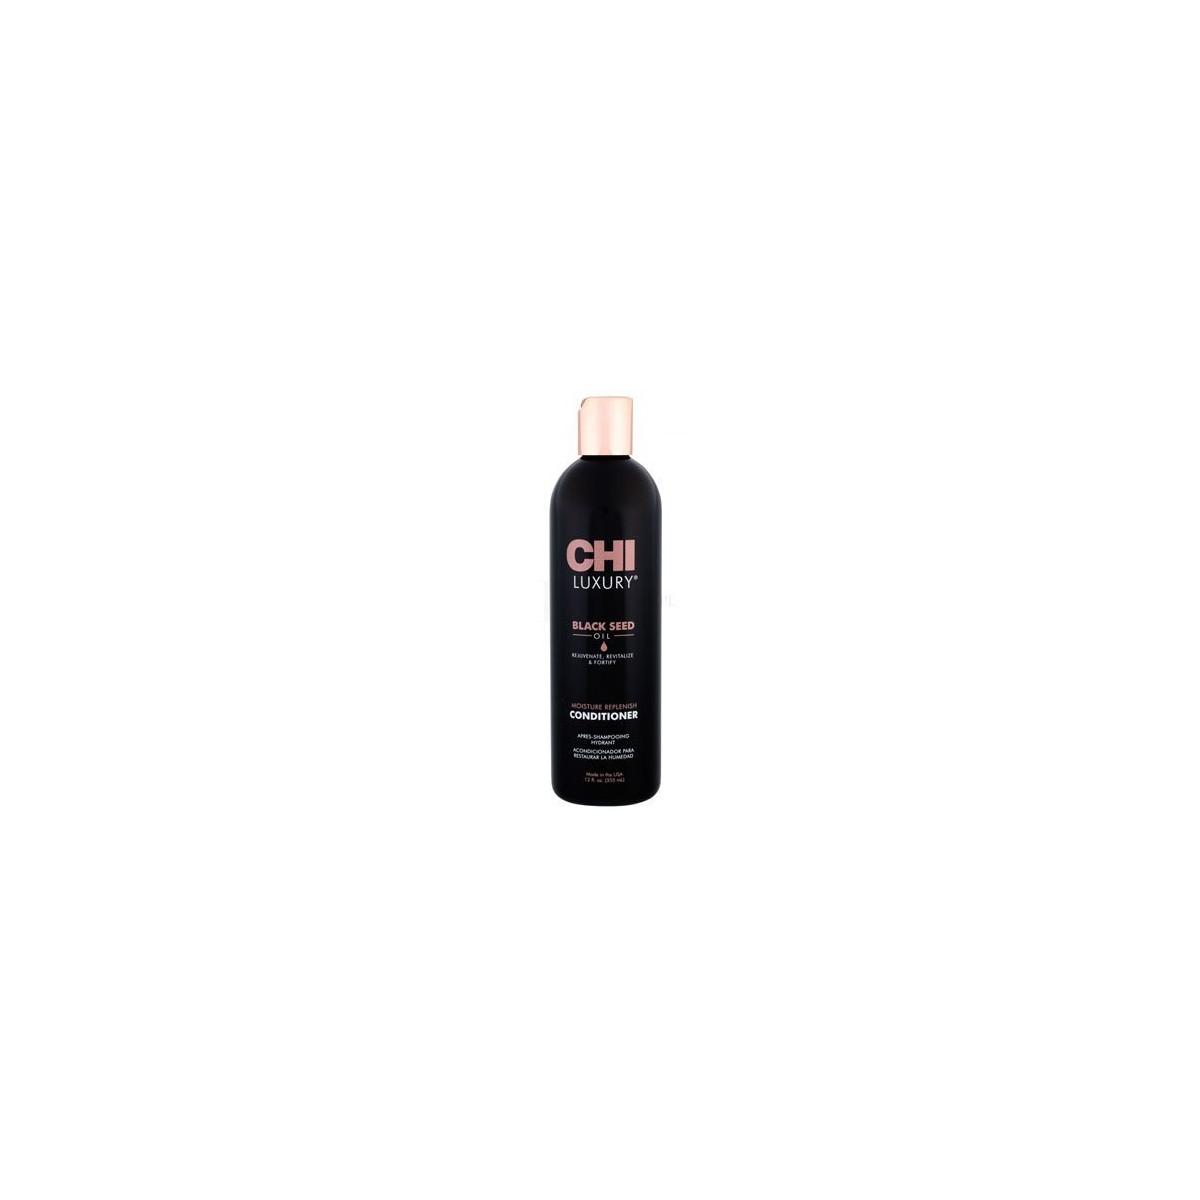 CHI Luxury Black Seed Oil, Odżywka do włosów suchych 355ml